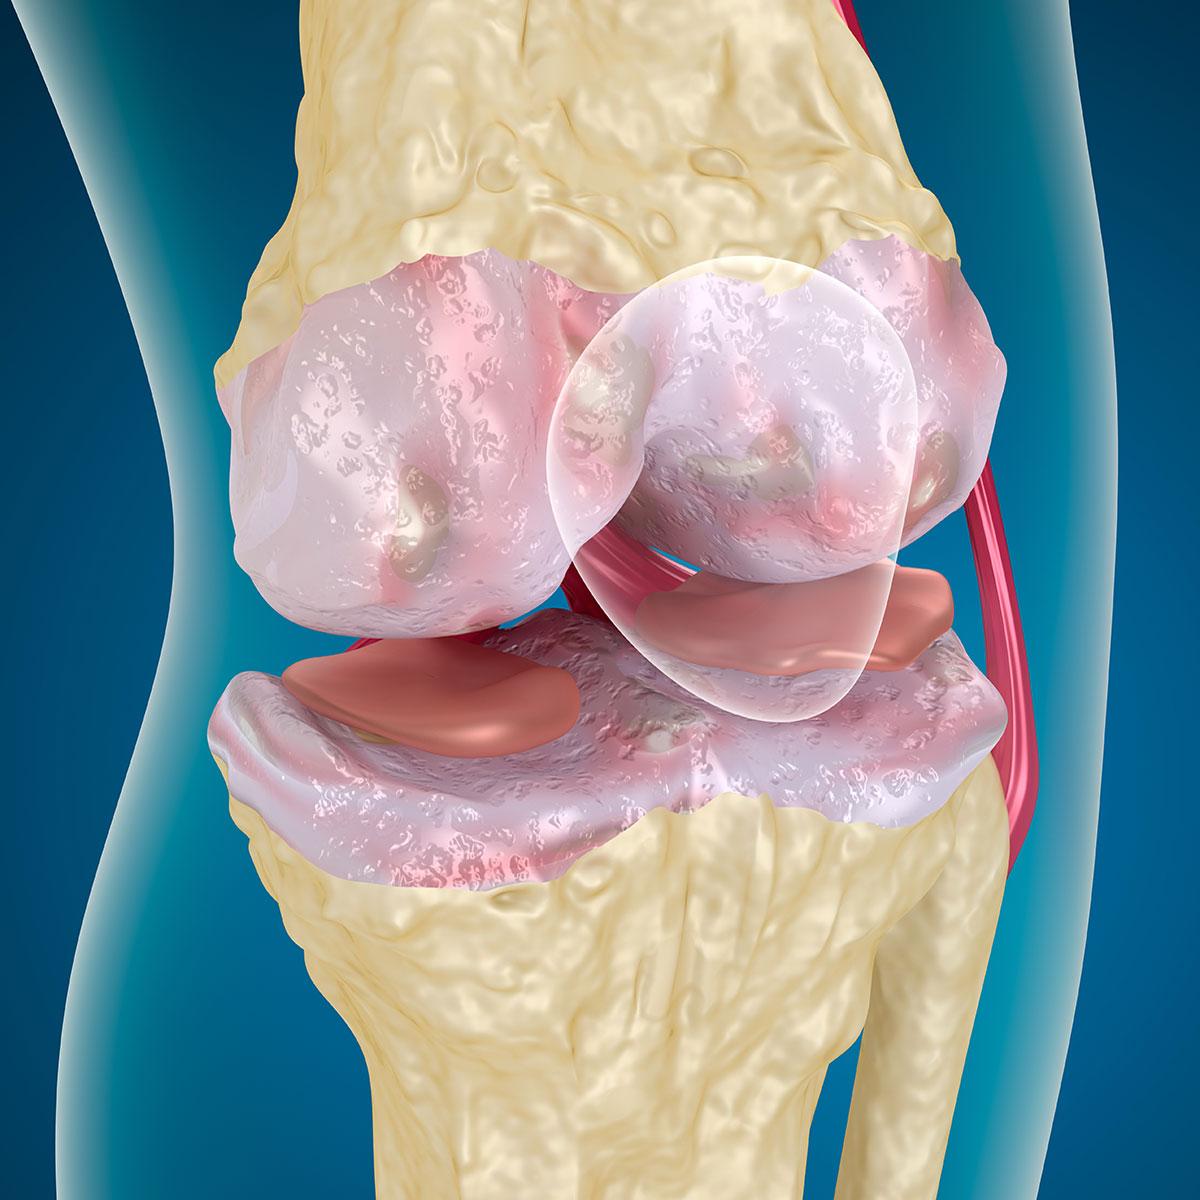 Как лечить сухожилия суставов